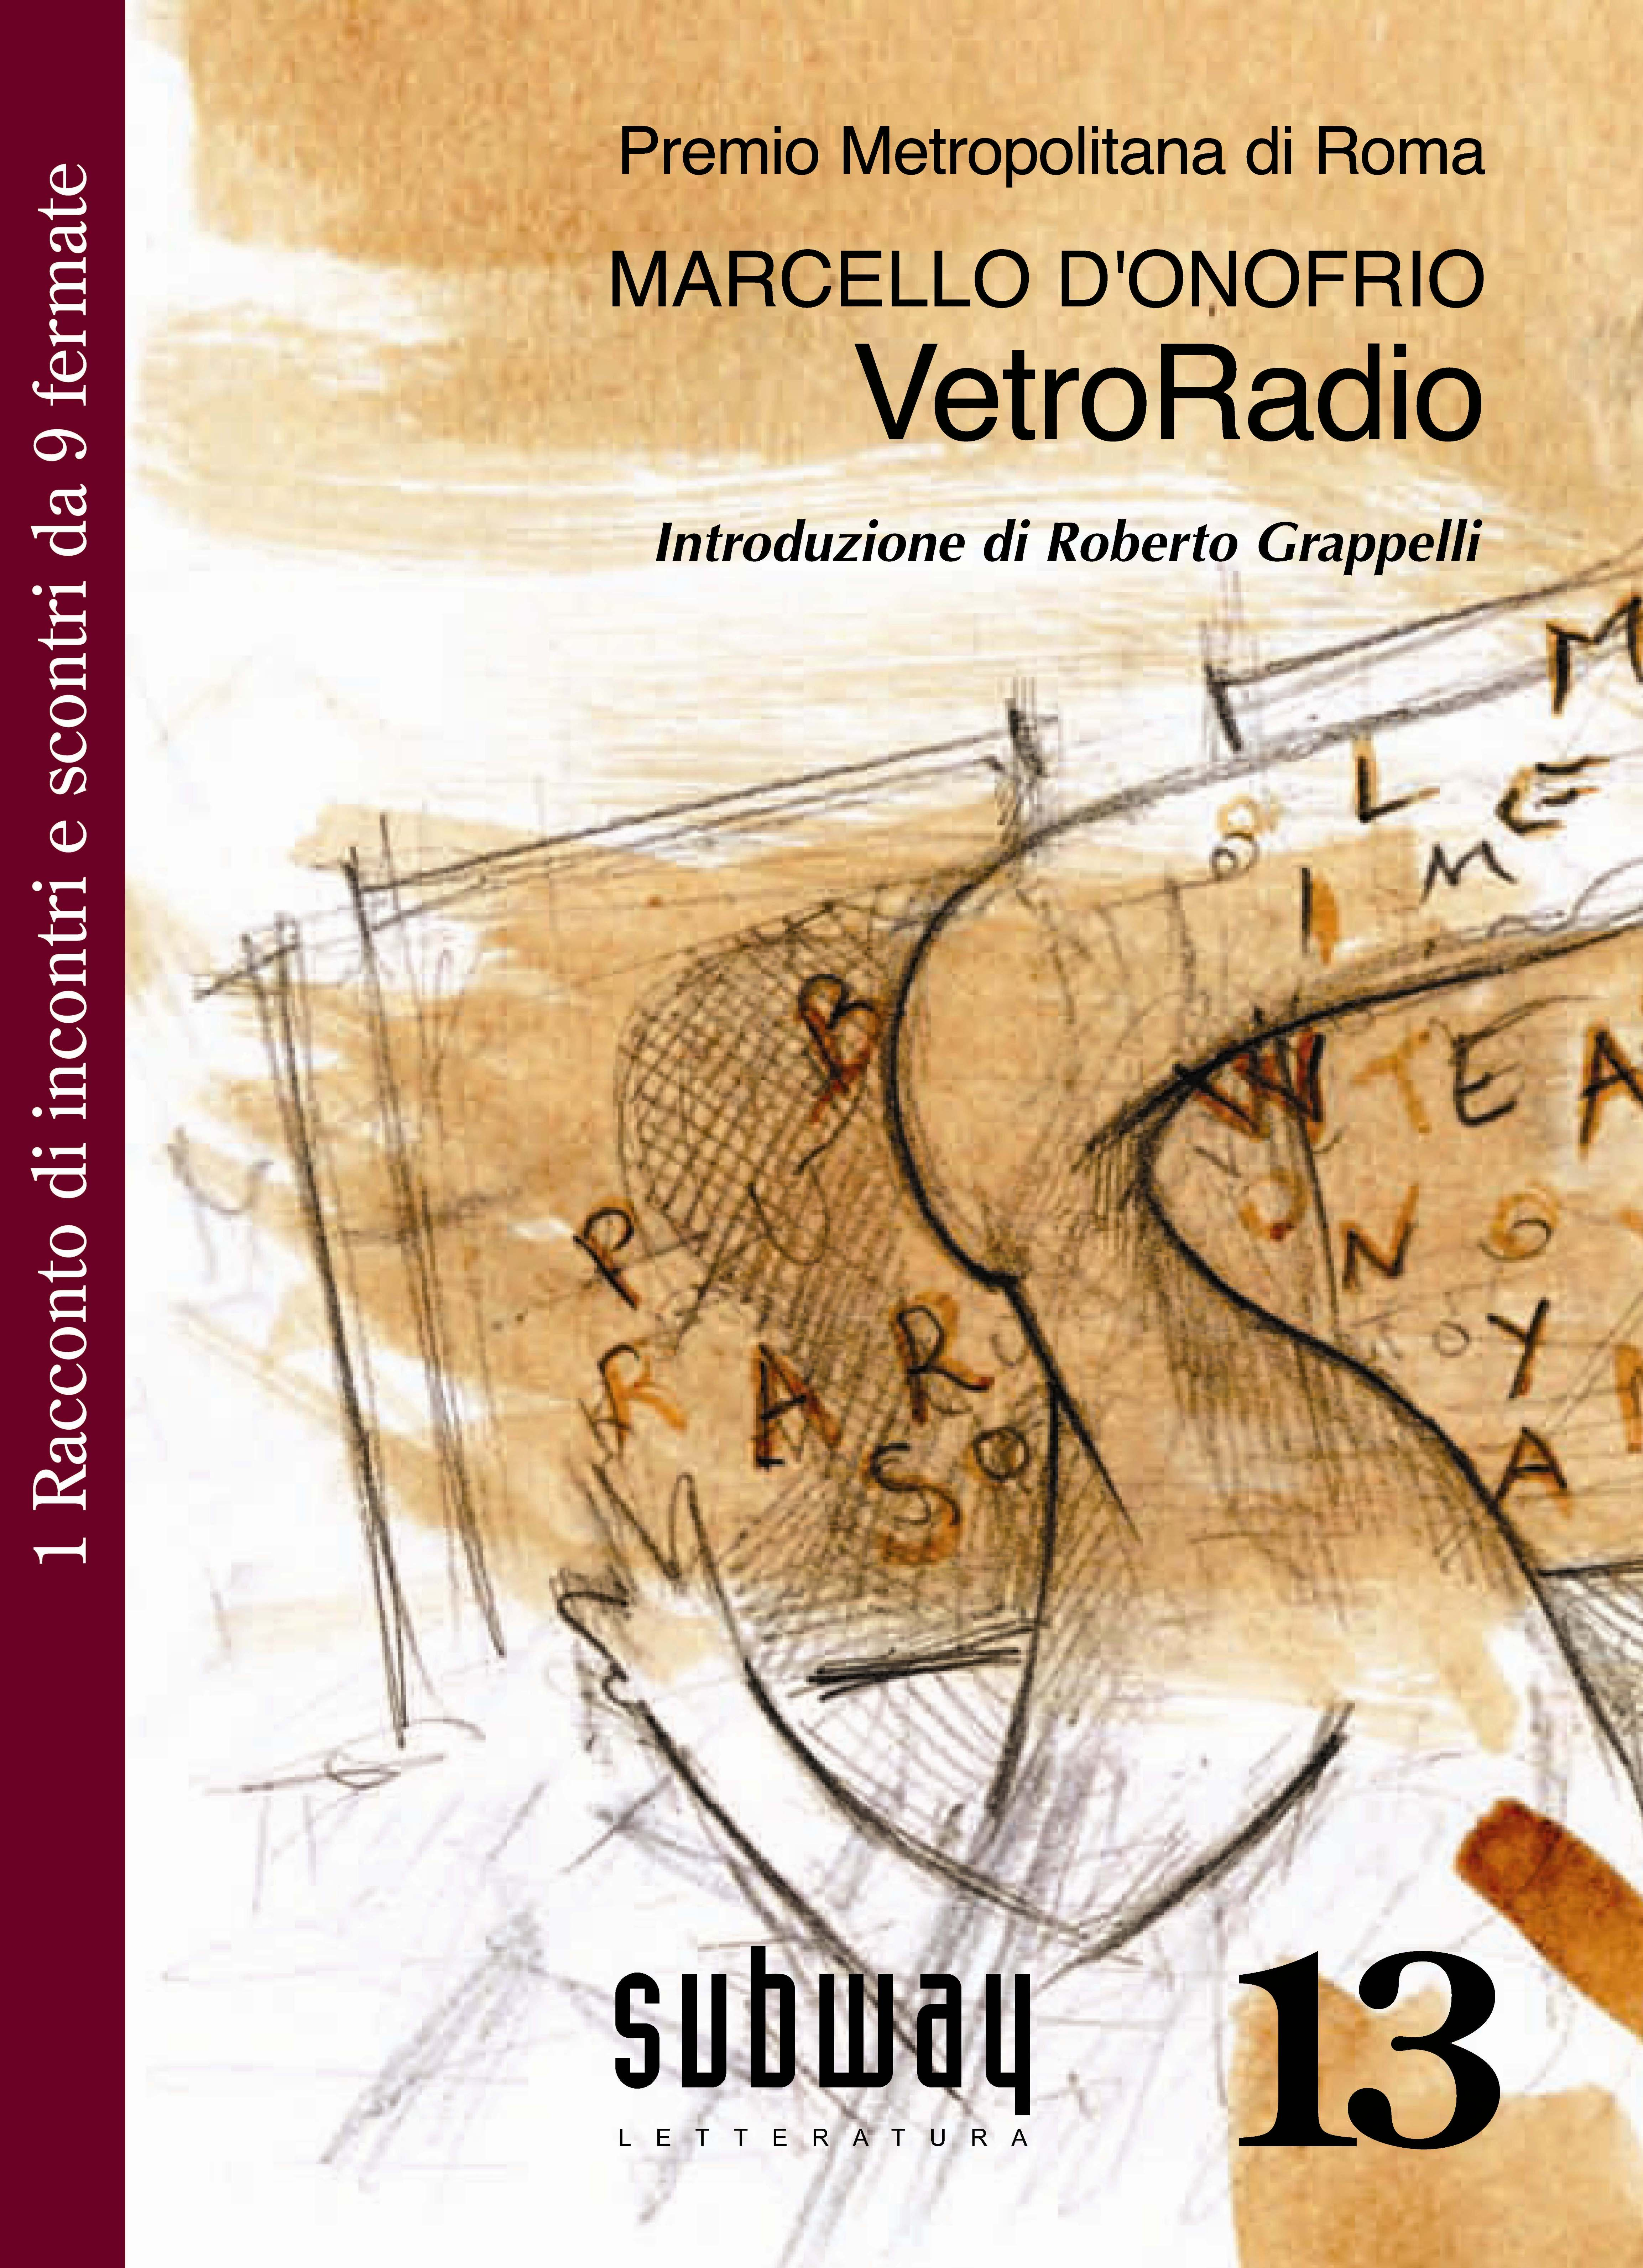 VetroRadio